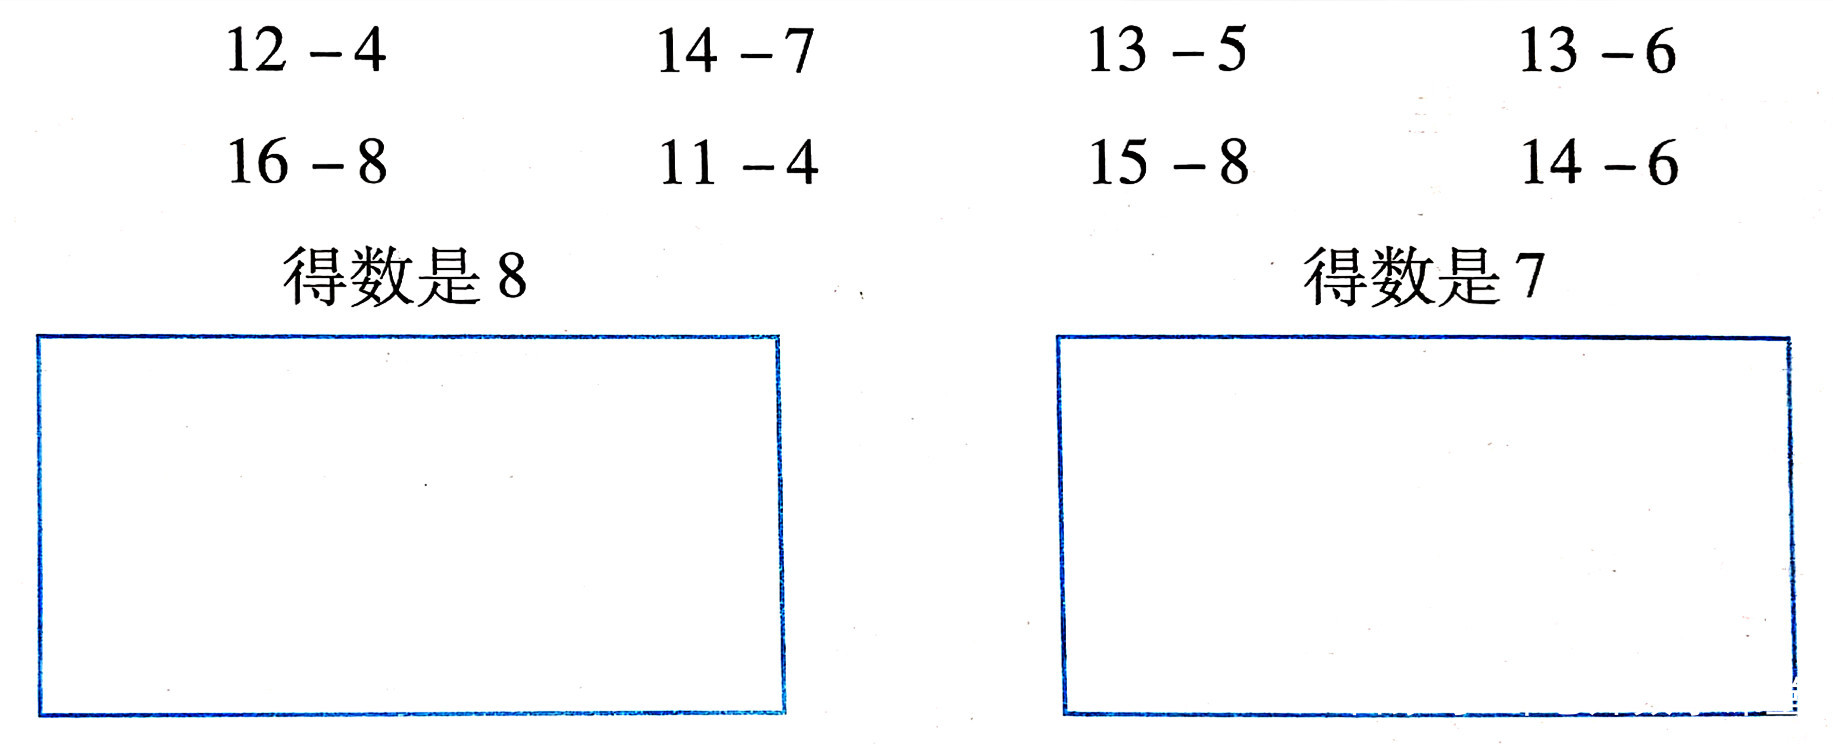 一年级数学下册,第二单元:20以内的退位减法,评估试题